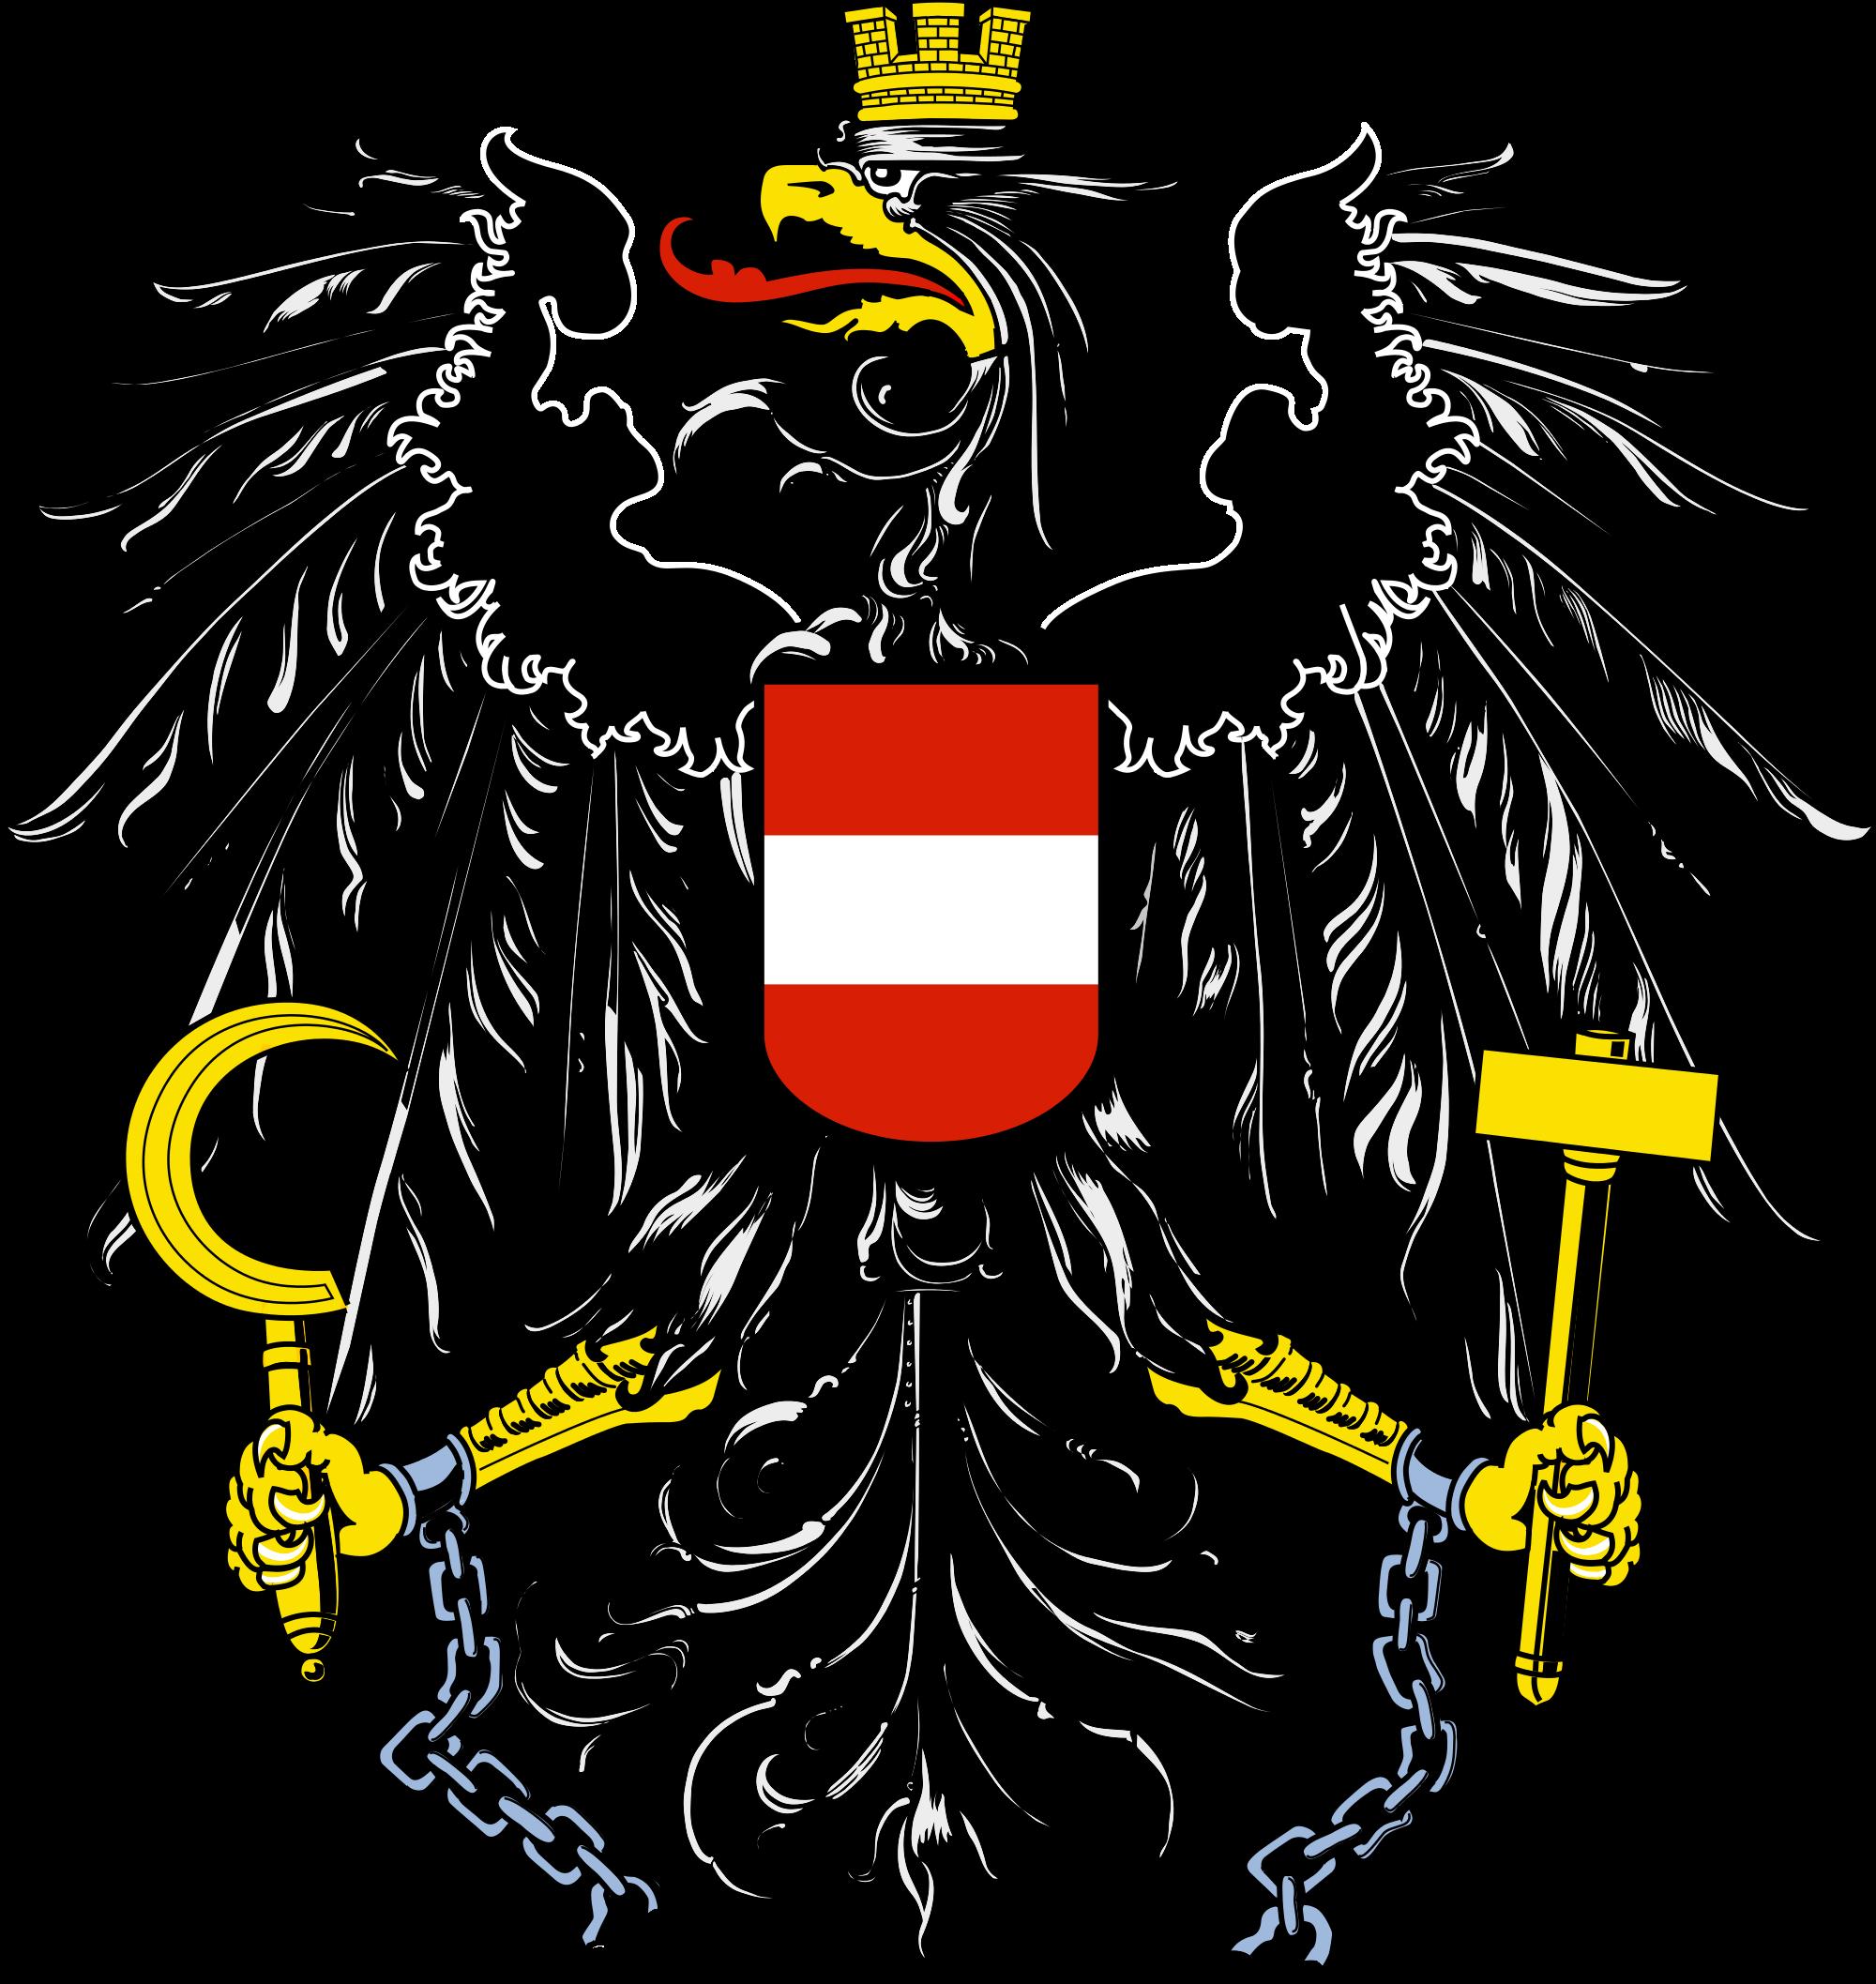 Σύμβολα καὶ οἰκόσημα...113 Αὐστρία σύγχρονον